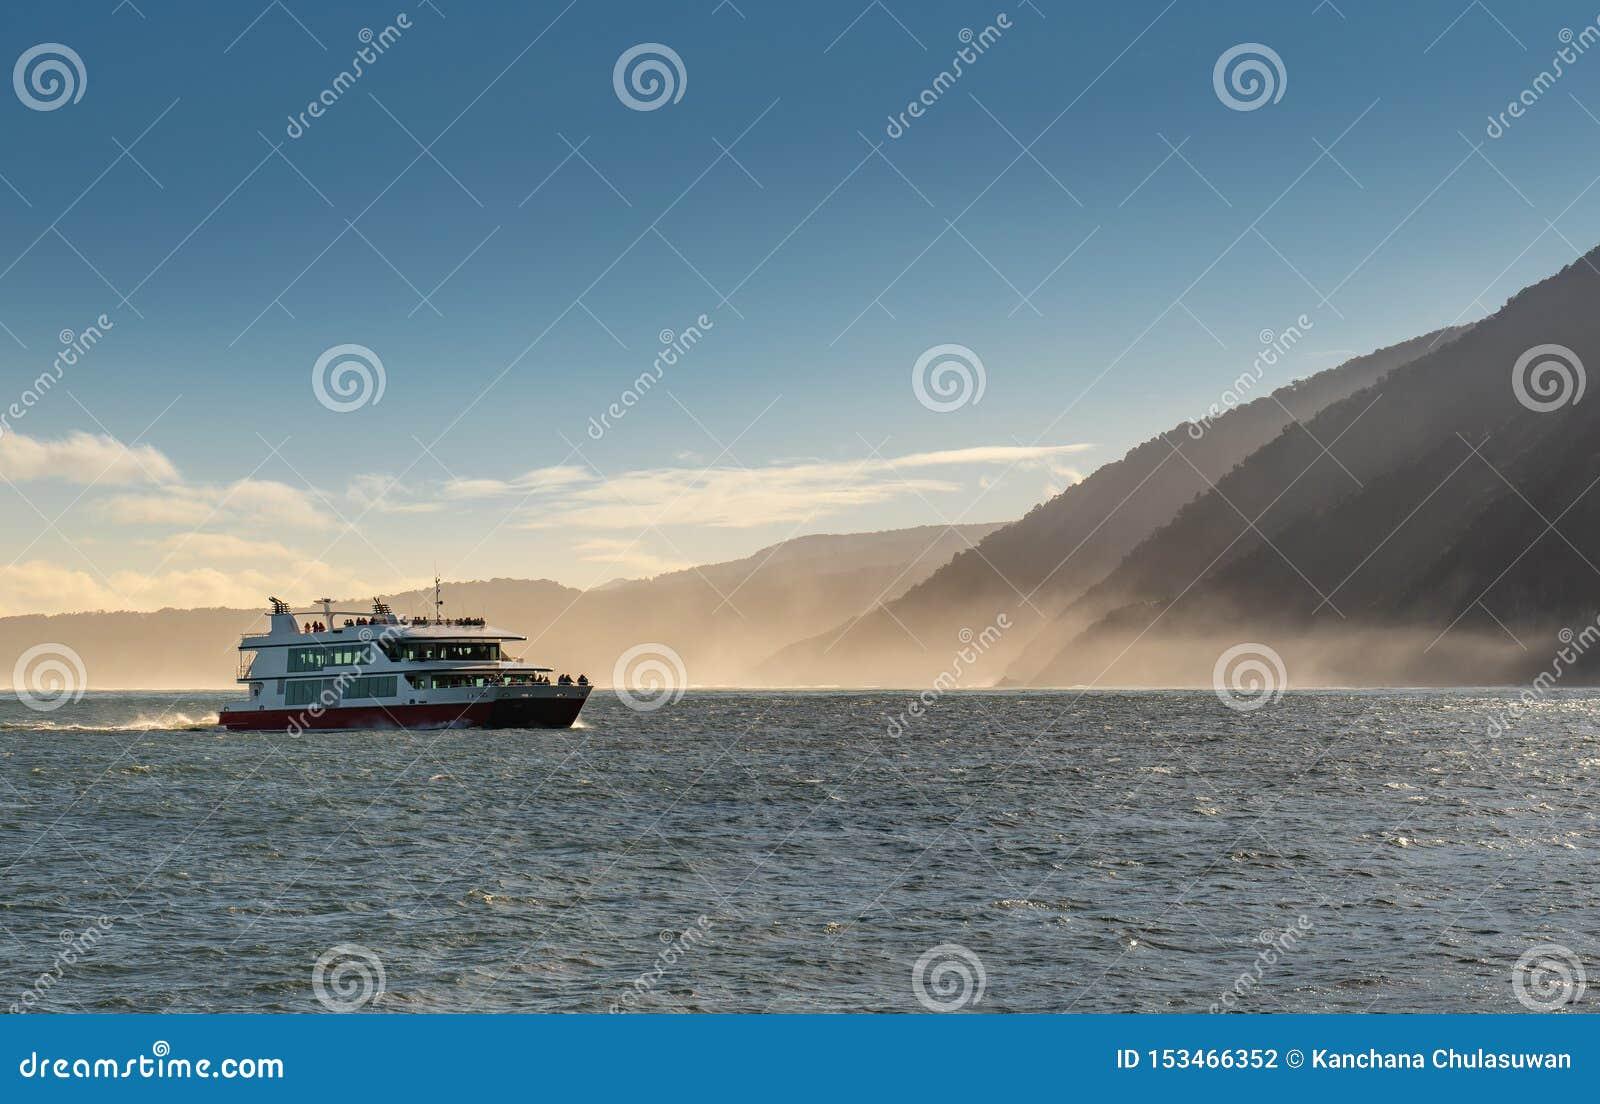 Milford Sound com o parque nacional de Fiordland do navio de cruzeiros